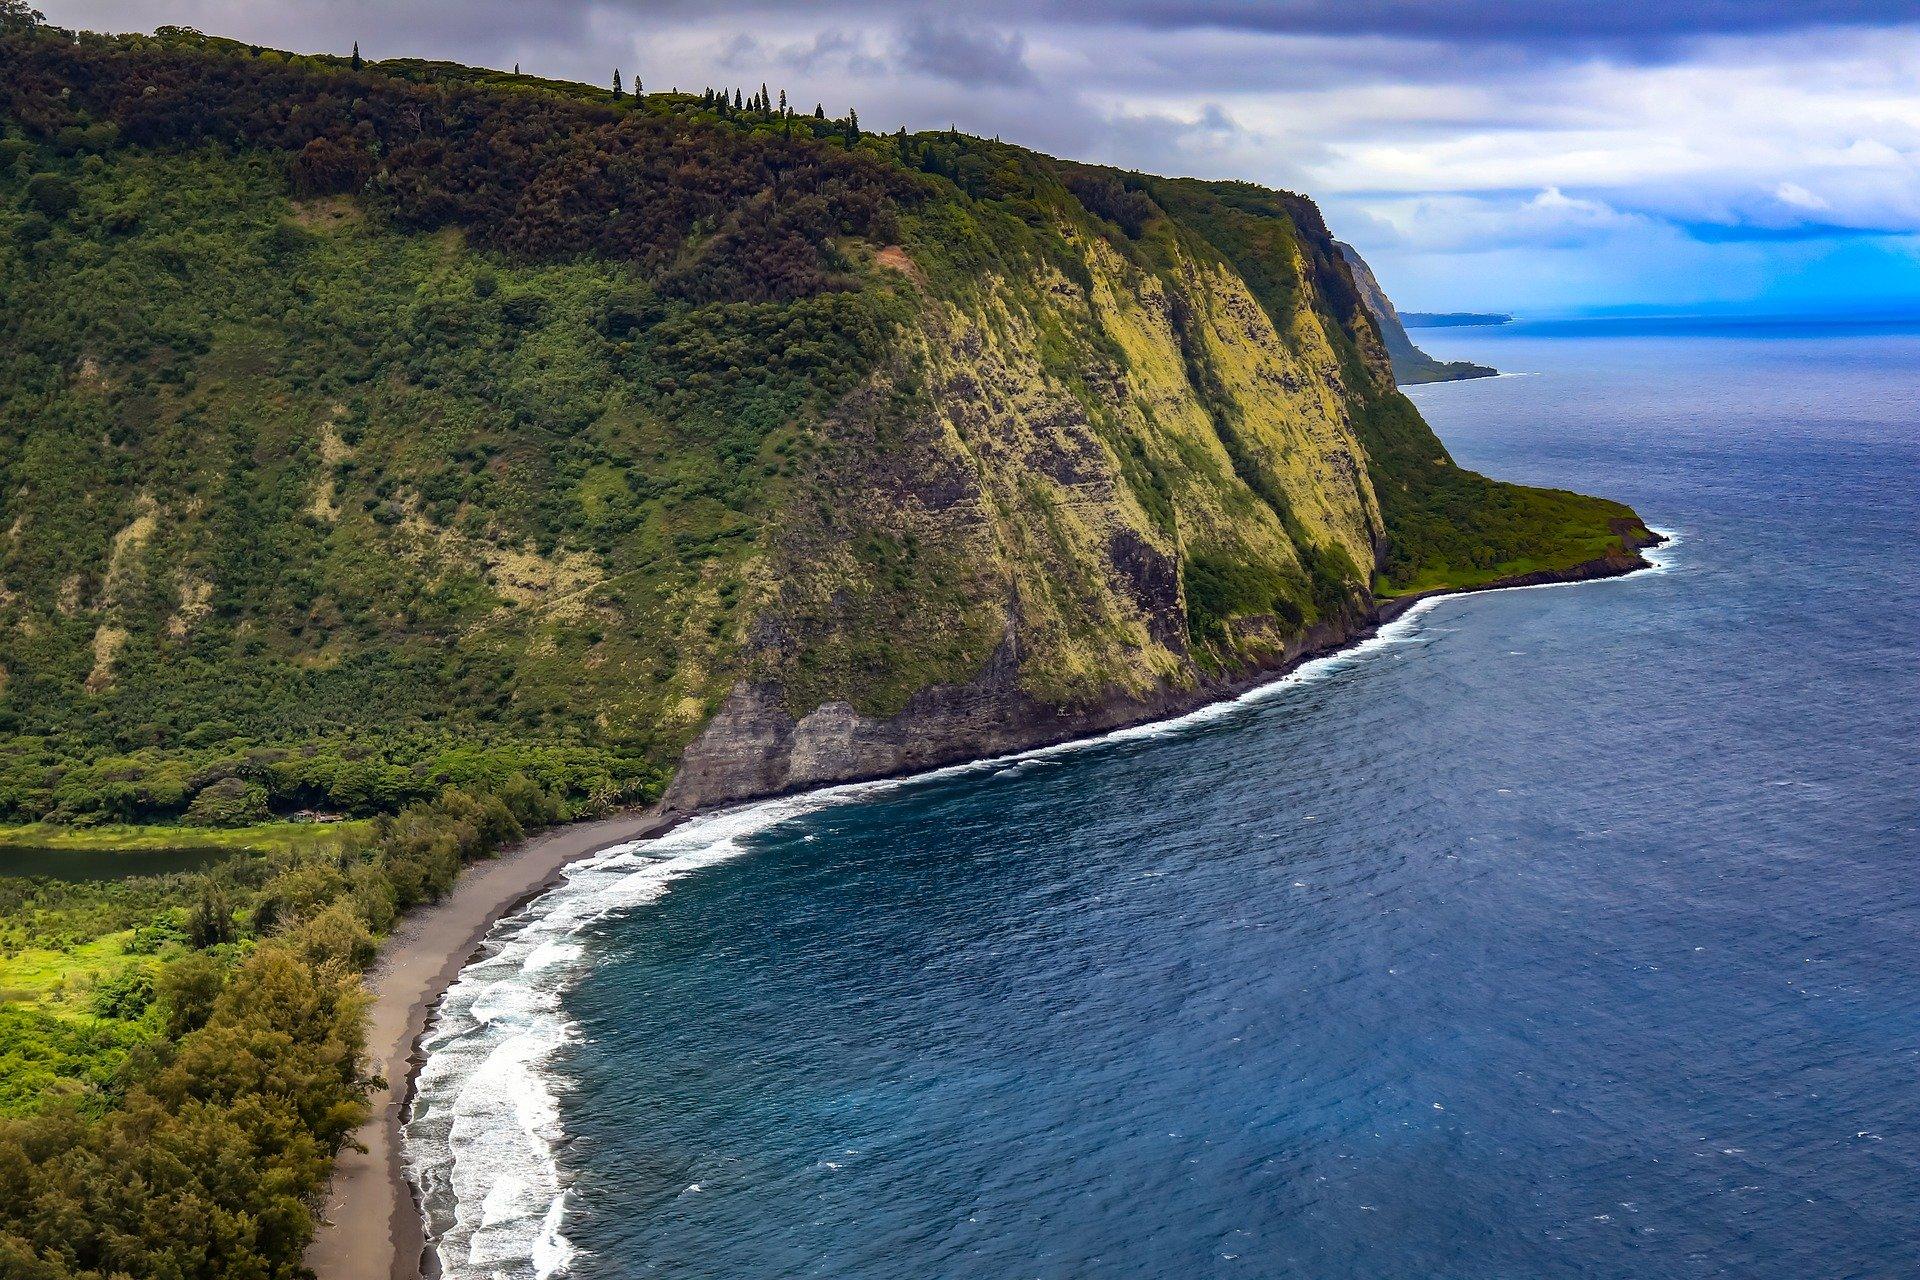 Big Island Hawaii 1 week itinerary; 7 days on the big island Hawaii; top activities in Kona, Hawaii; attractions Big Island Hawaii; Kailua Kona what to do